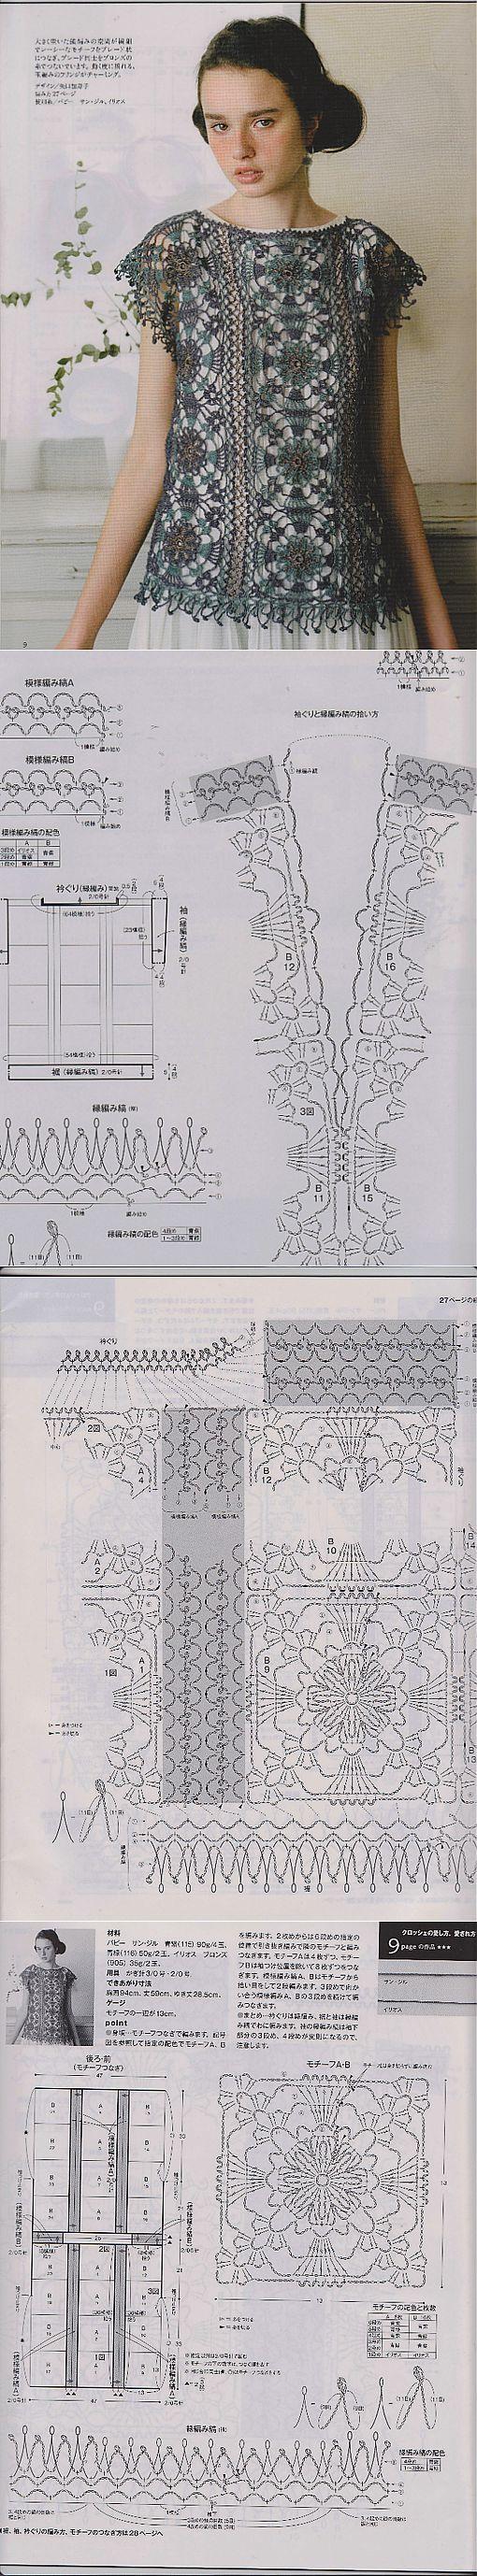 бебиблог вязание крючком со схемами и описанием